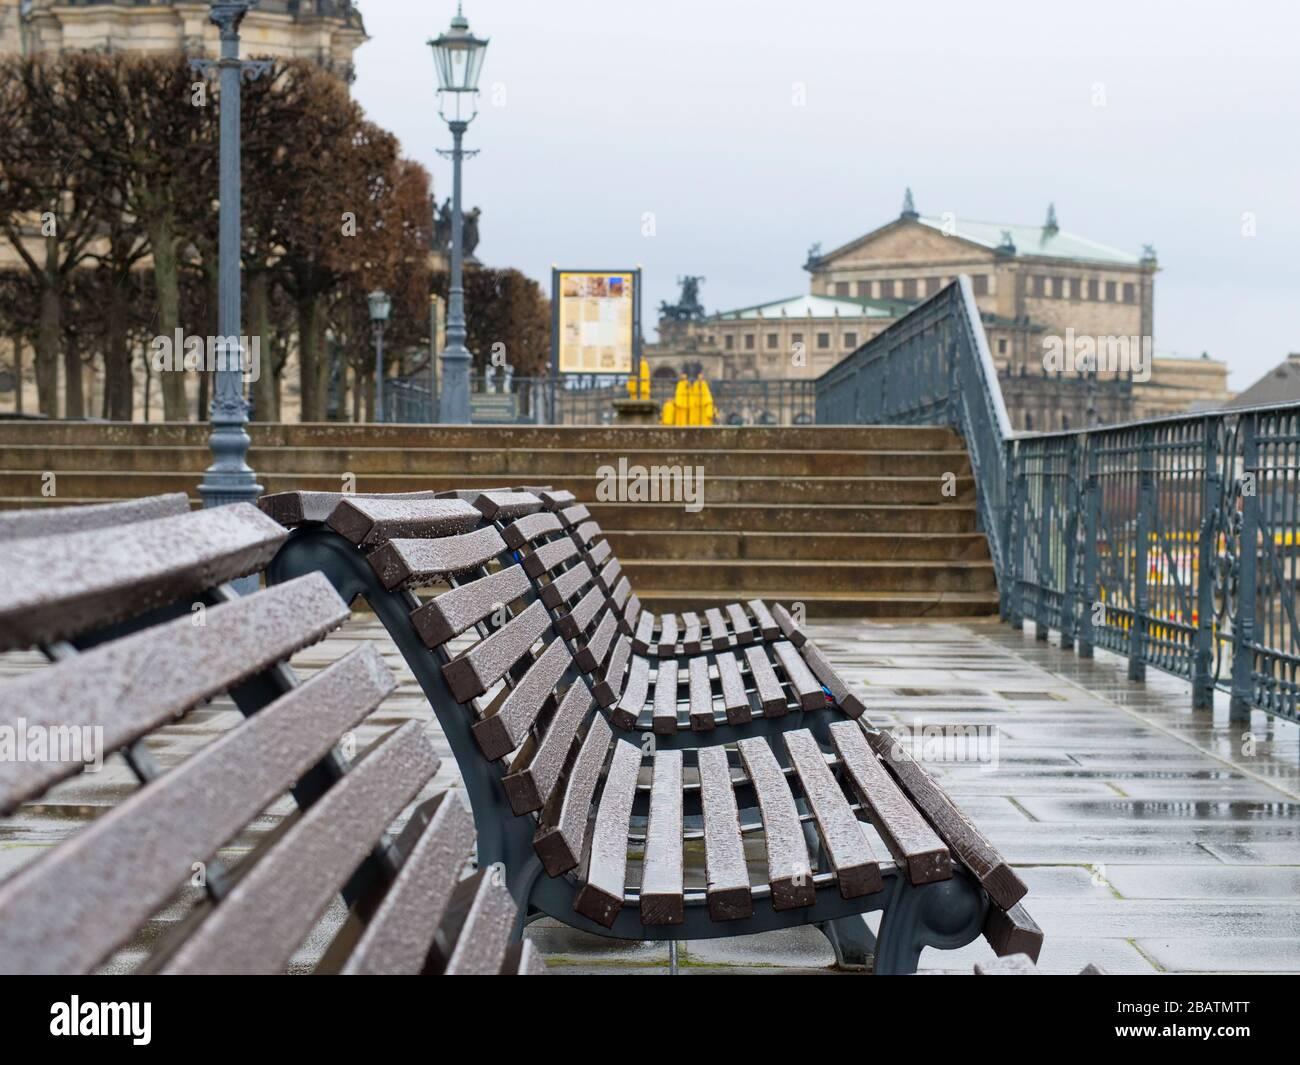 Leere Parkbänke auf der Brühlschen Terrasse en Dresden während Coronavirus Lockdown und Regen historiche Altstadt Regenwetter Brühl-Terrasse Foto de stock